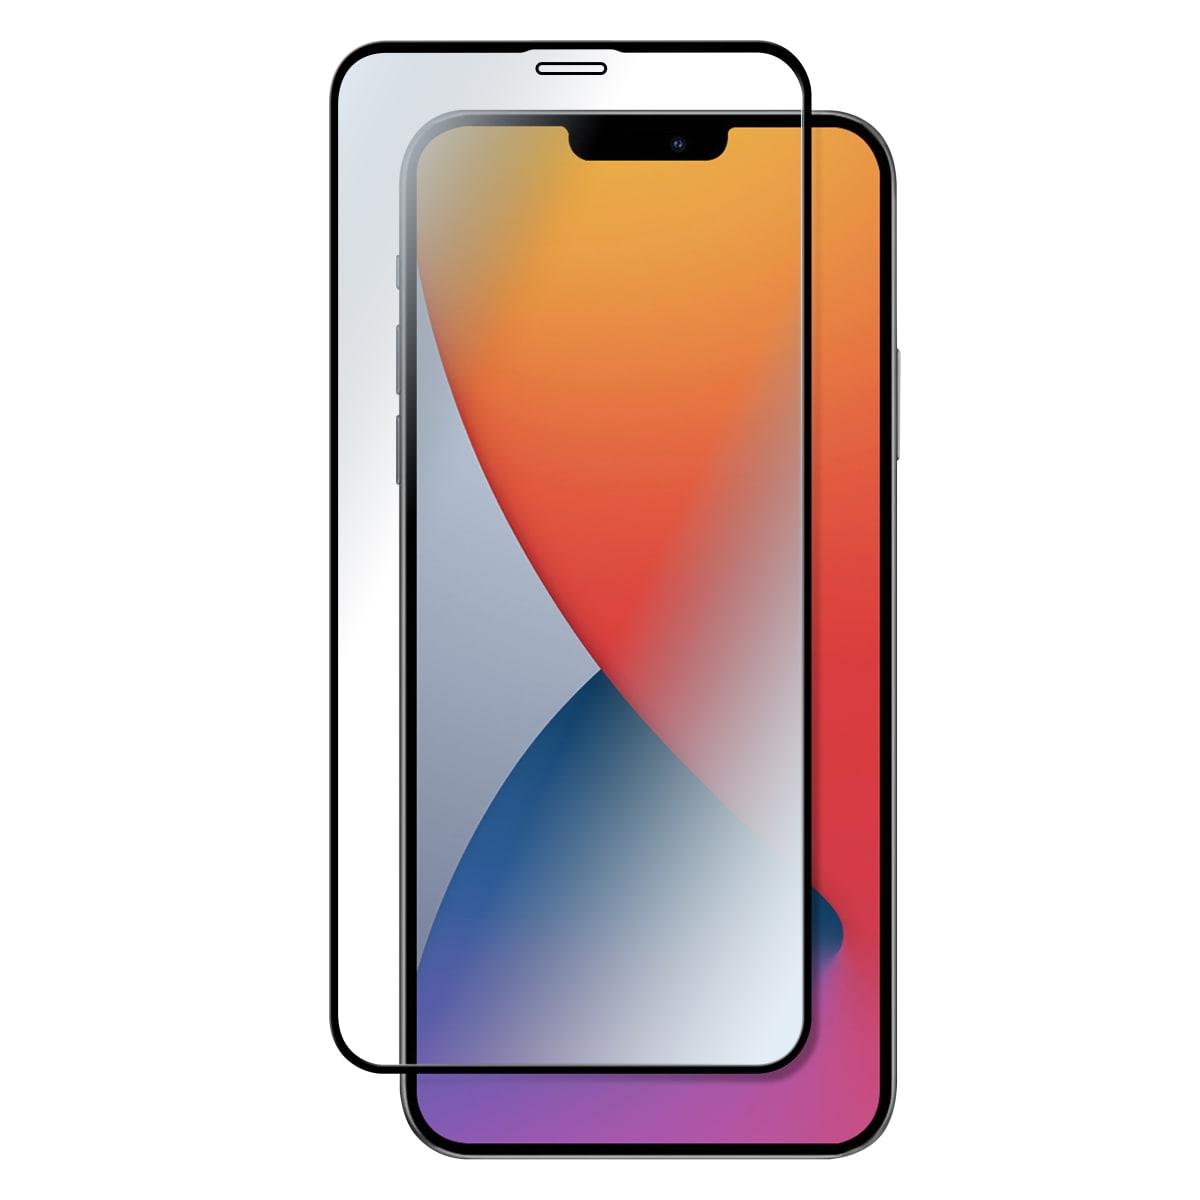 Protection intégrale en verre trempé pour iPhone 12 Mini.